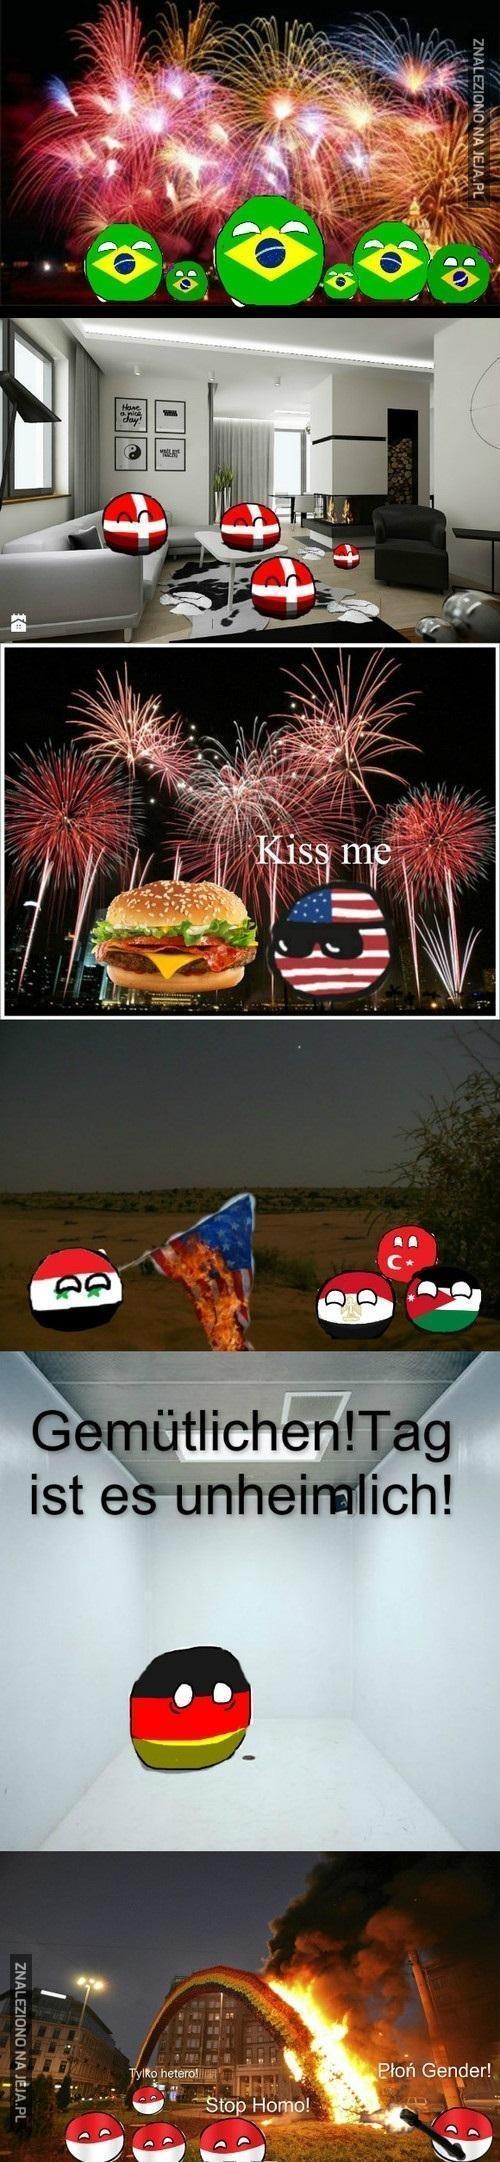 Święto niepodległości w różnych krajach